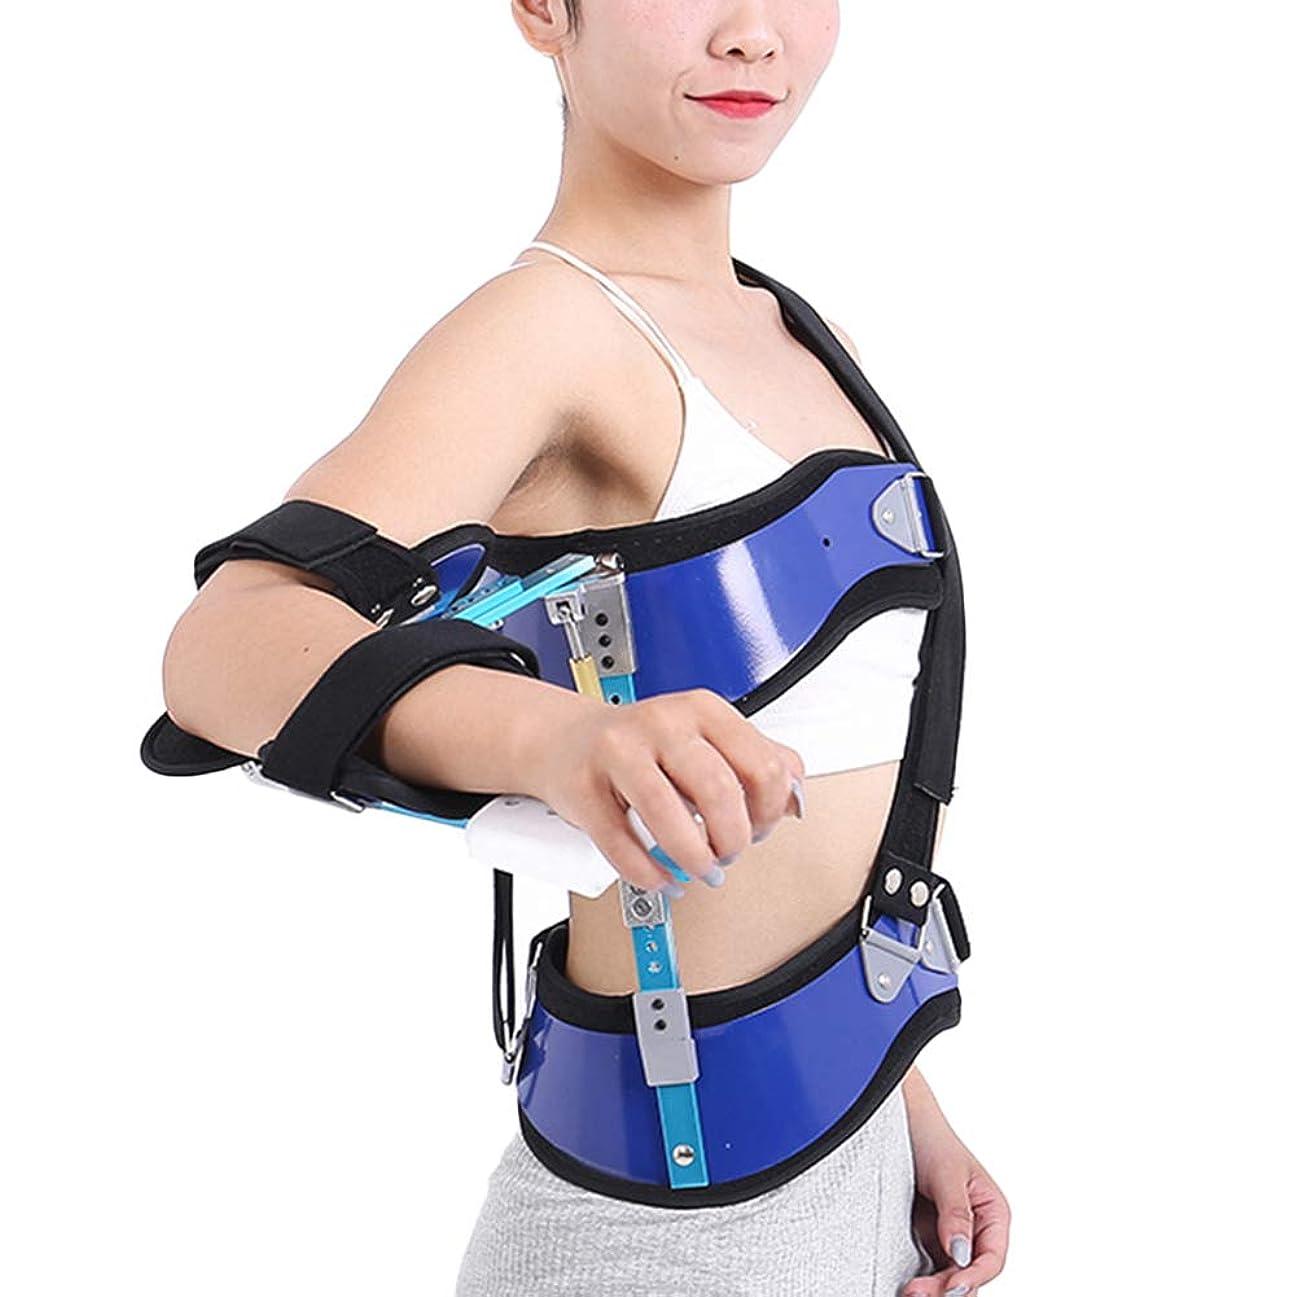 ビデオ概念粒肩外転イモビライザー固定ブレース保護具肩関節成人向け上腕脱臼リハビリテーション機器